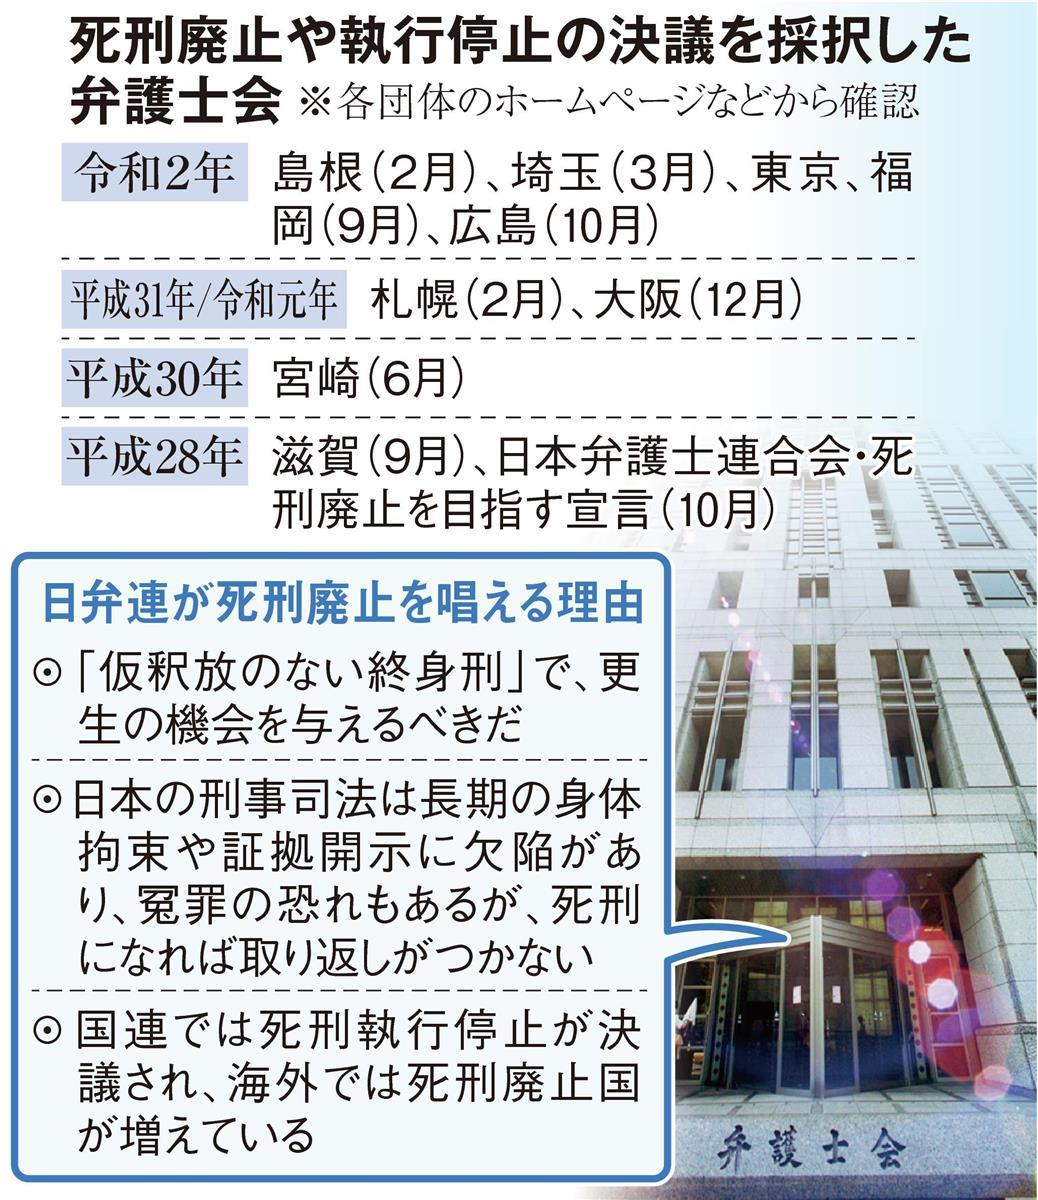 死刑廃止宣言無効訴え、京都の弁護士 日弁連など提訴 - 産経ニュース